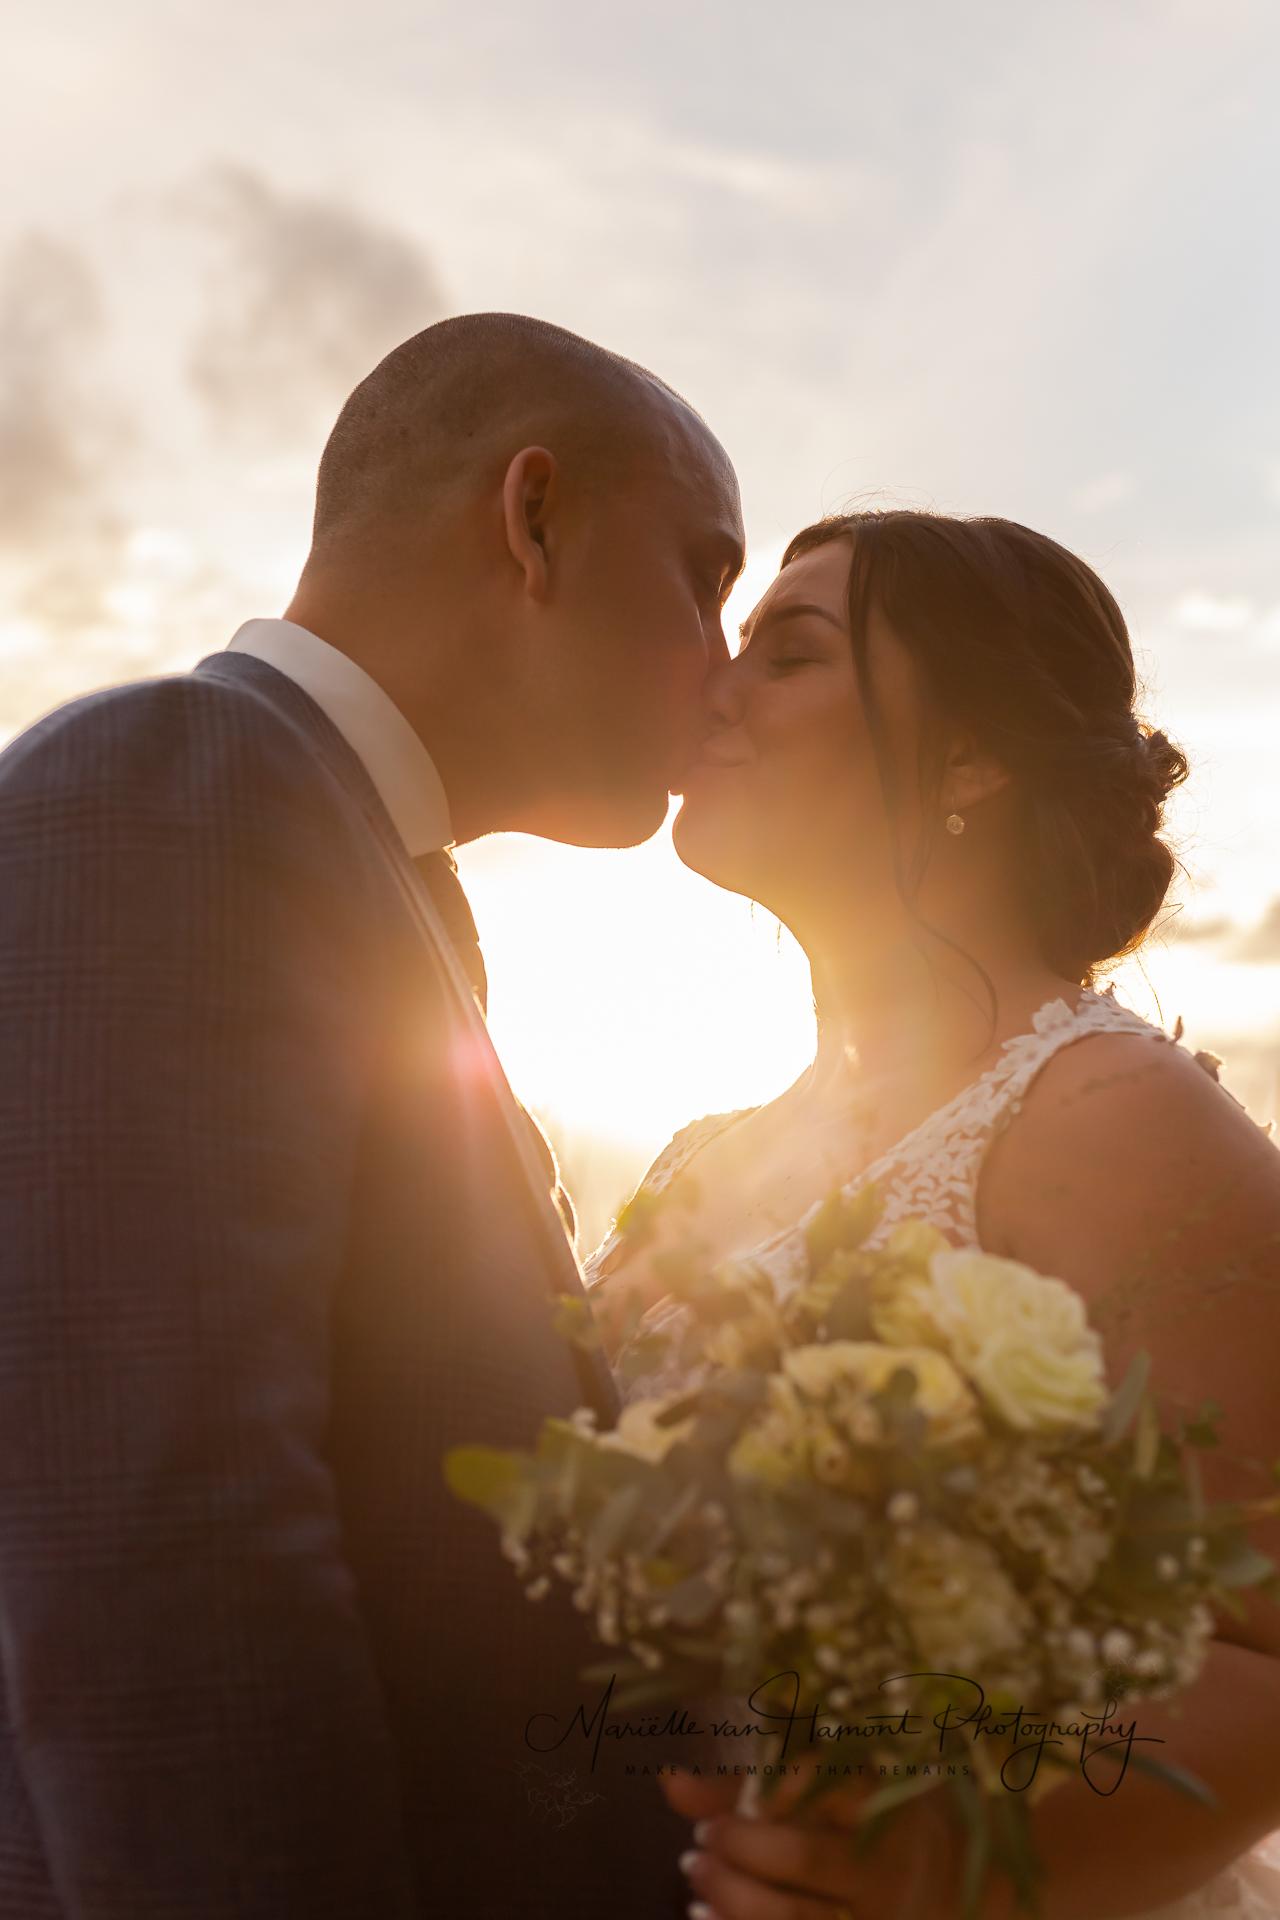 hamontfotografie | bruidsfotografie | golden hour | ja ik wil | bruidsfotograaf Noord-Brabant | bruidsfotograaf Nederland